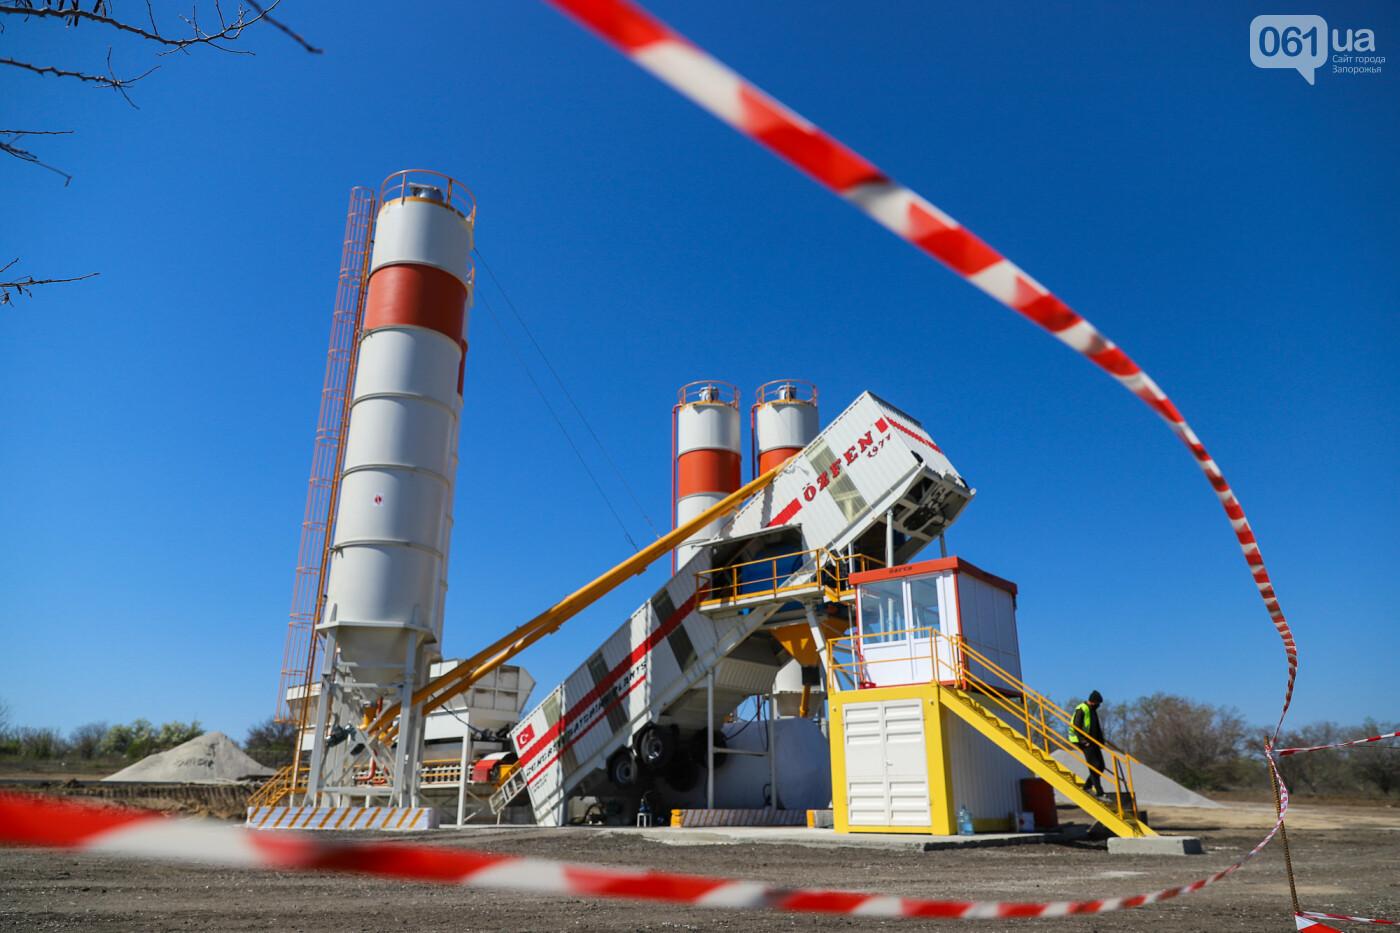 На запорожские мосты выделено 2,7 миллиарда: что сейчас проиходит стройплощадке, - ФОТОРЕПОРТАЖ, фото-16